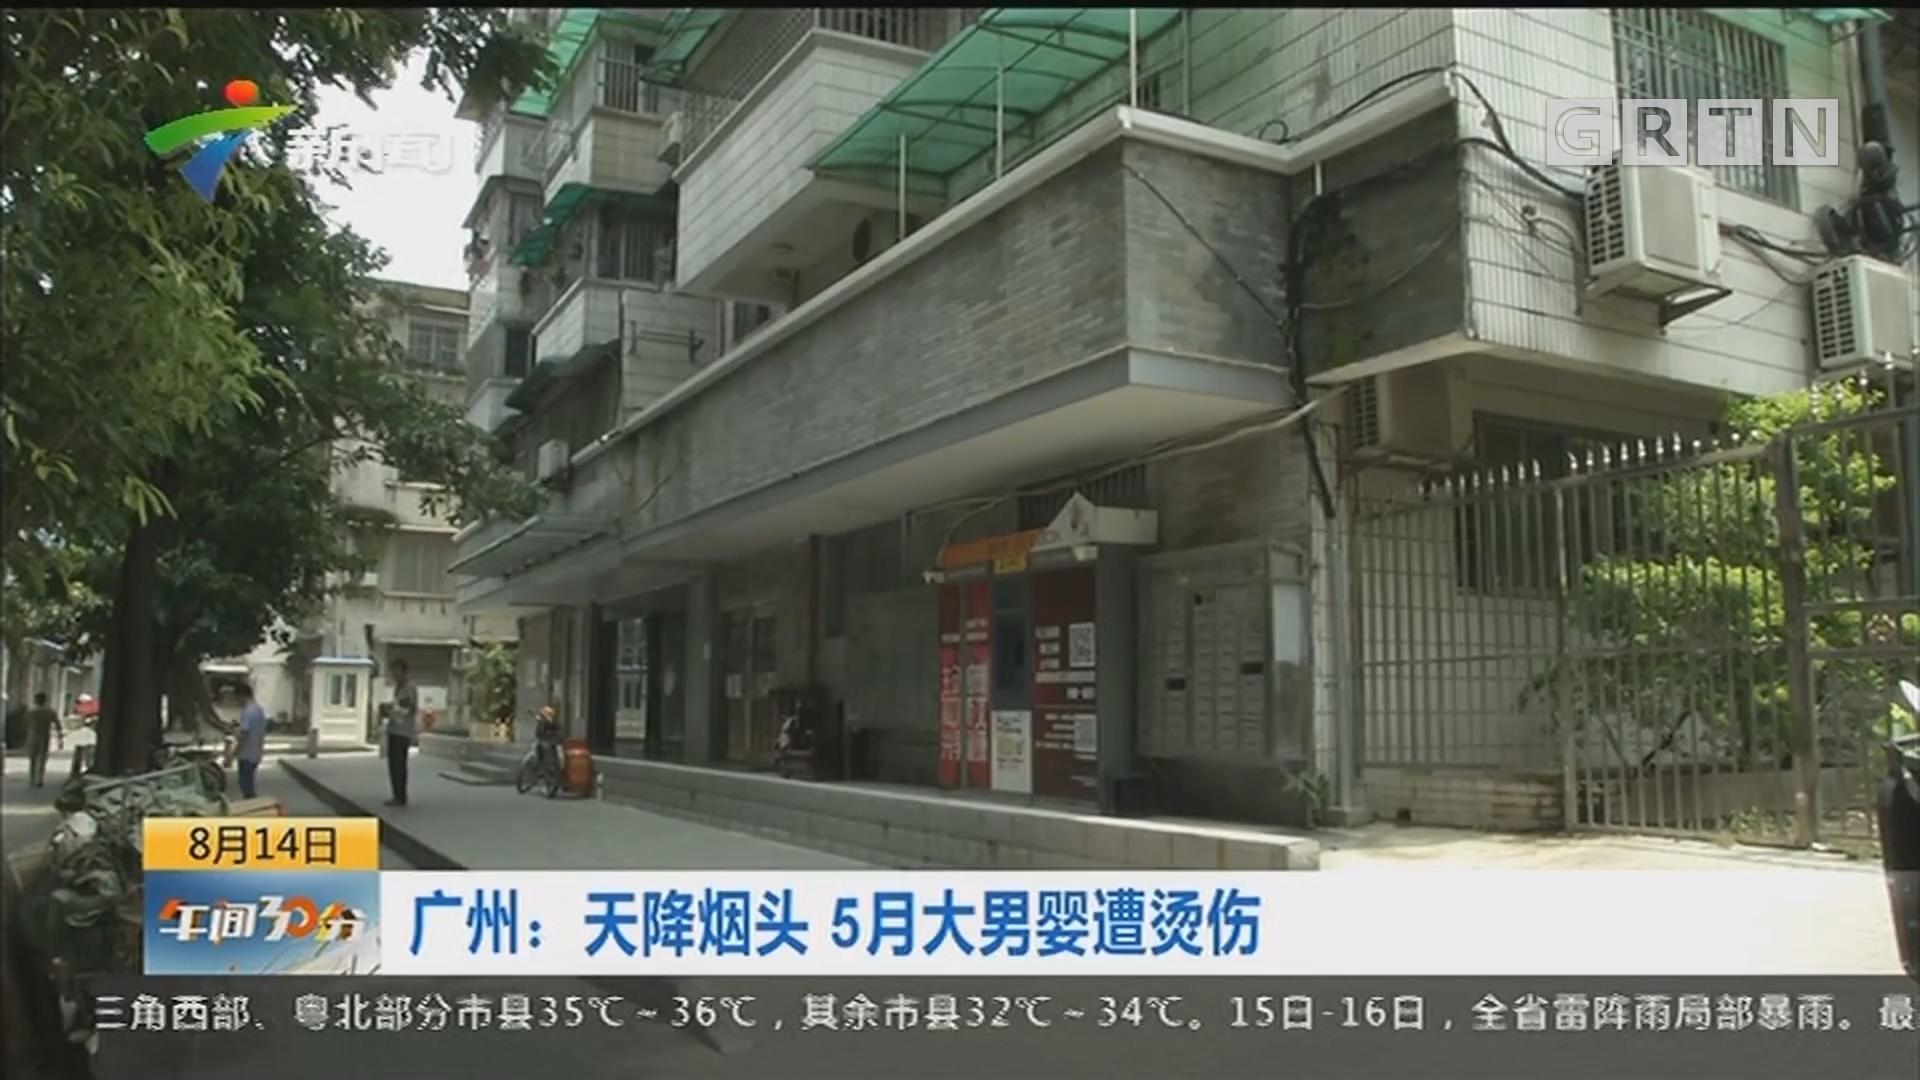 广州:天降烟头 5月大男婴遭烫伤